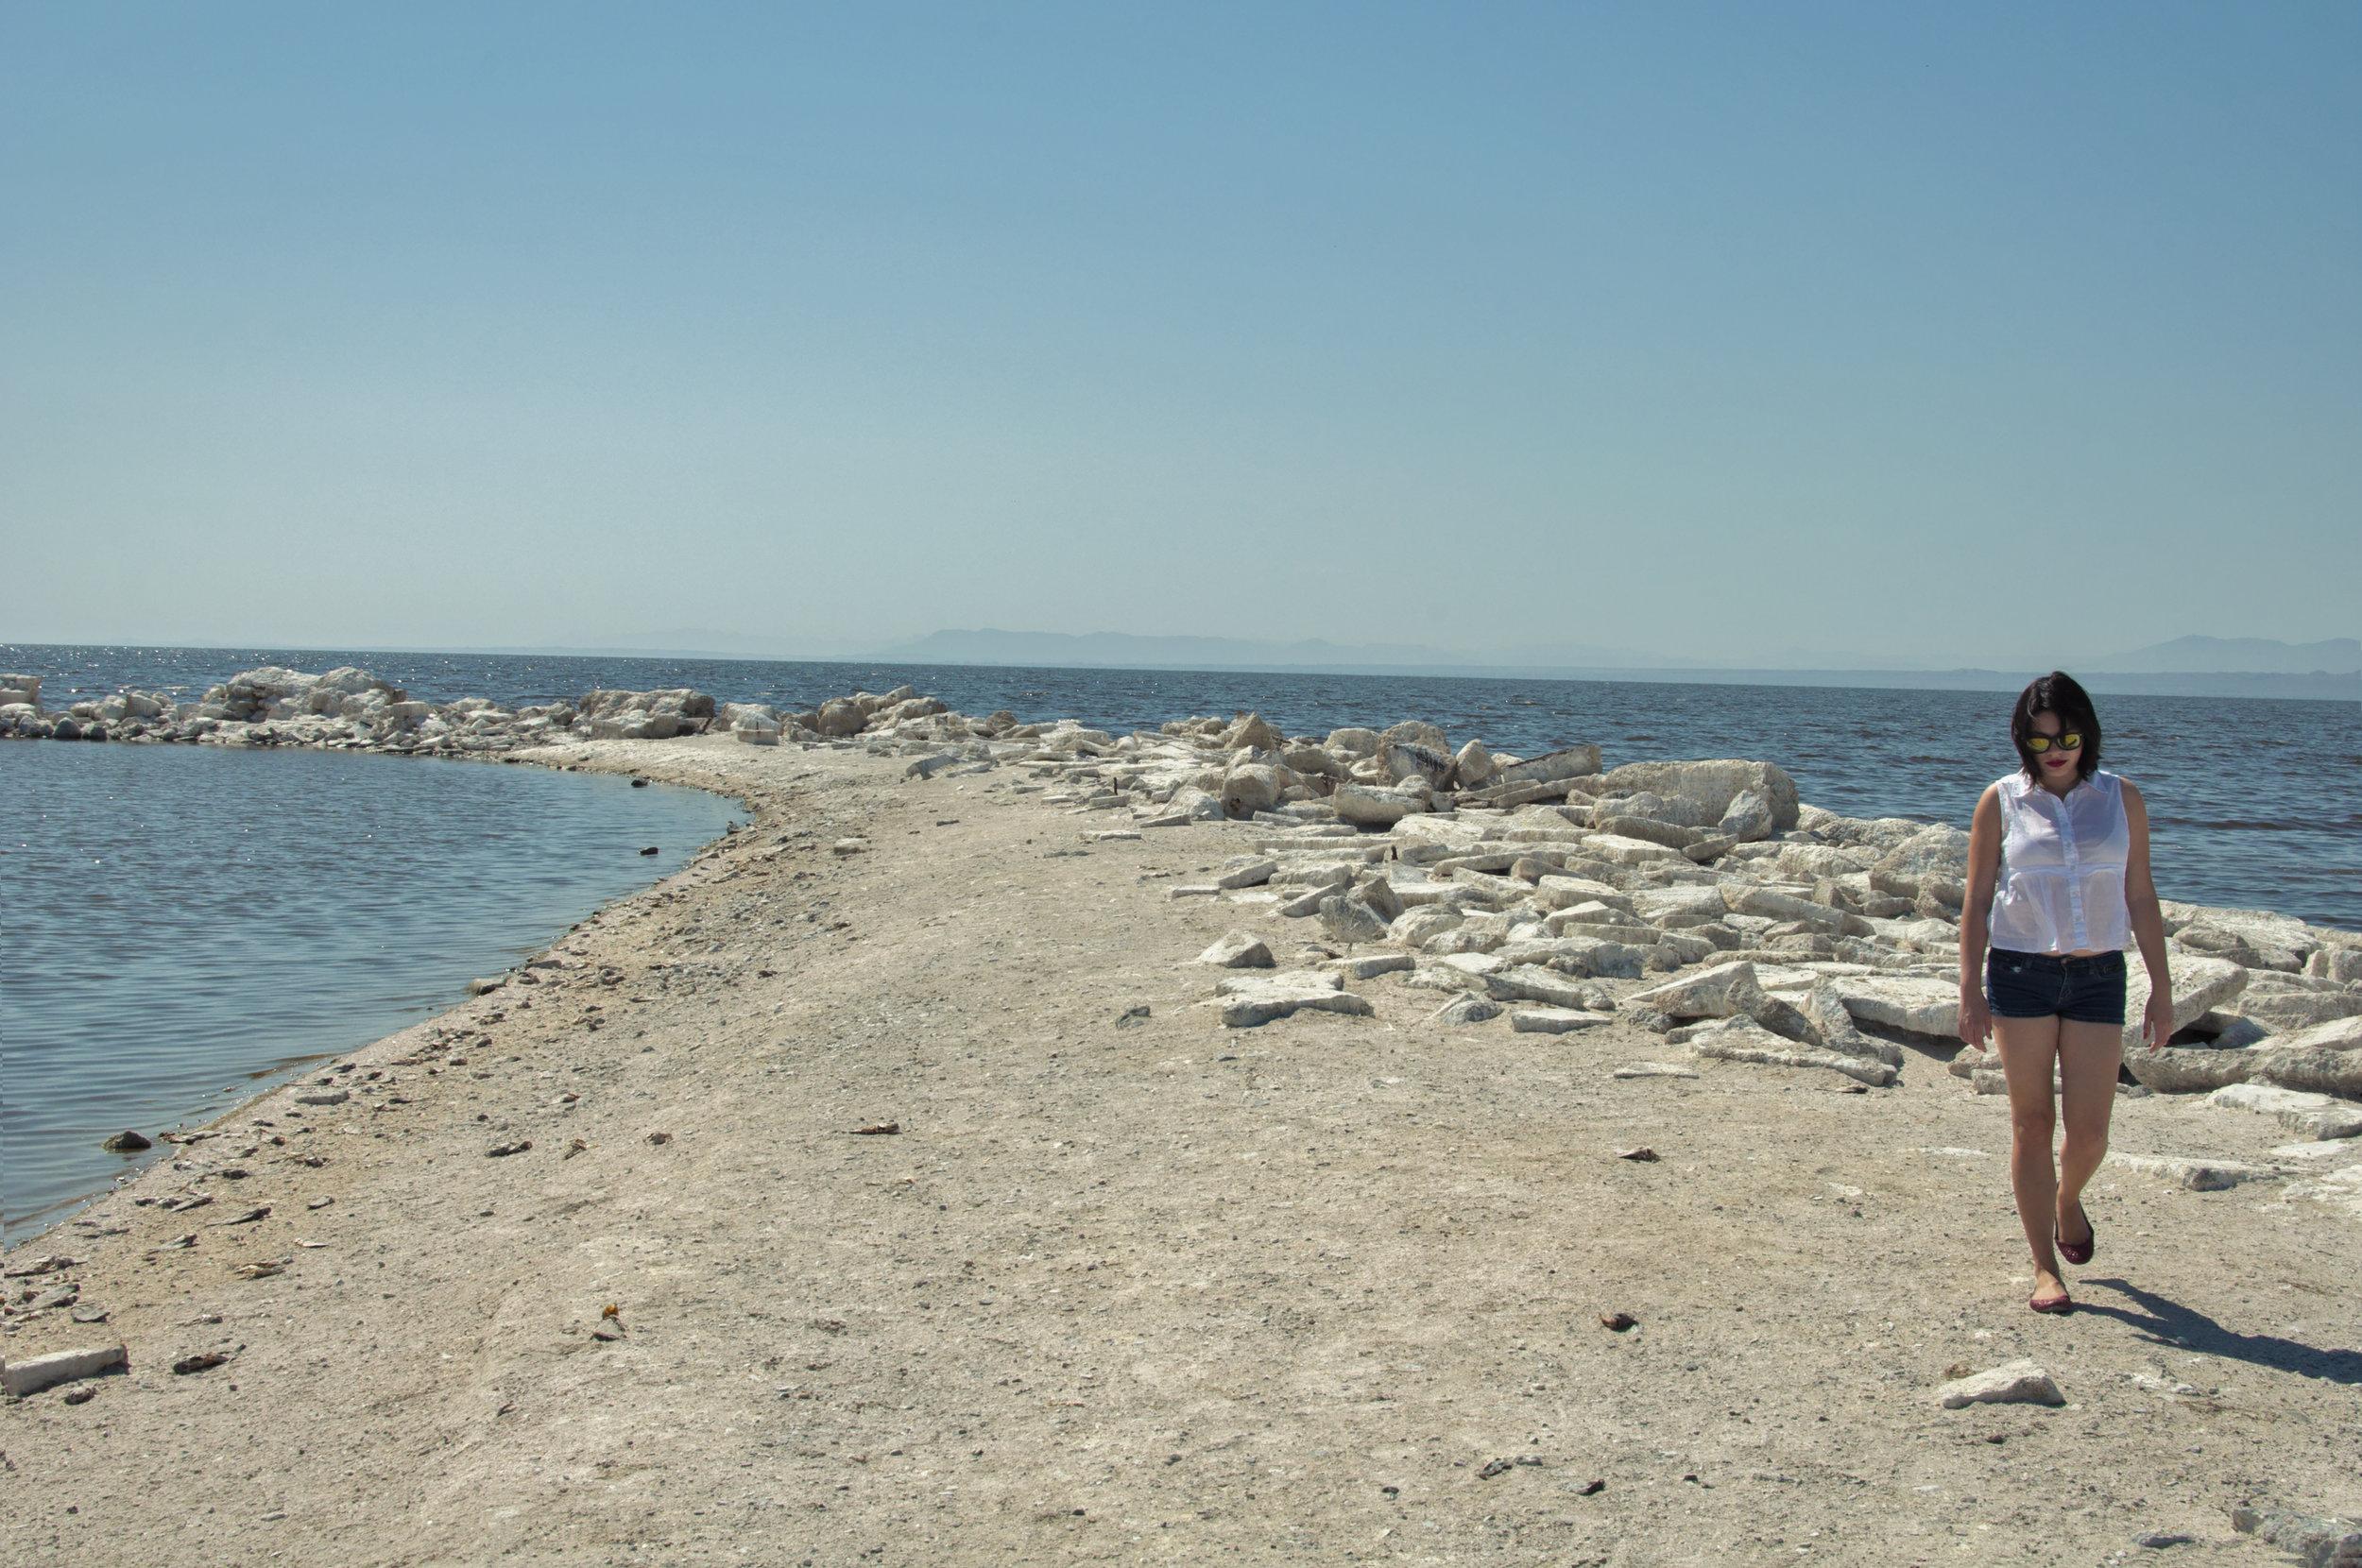 northshore, california. 2012